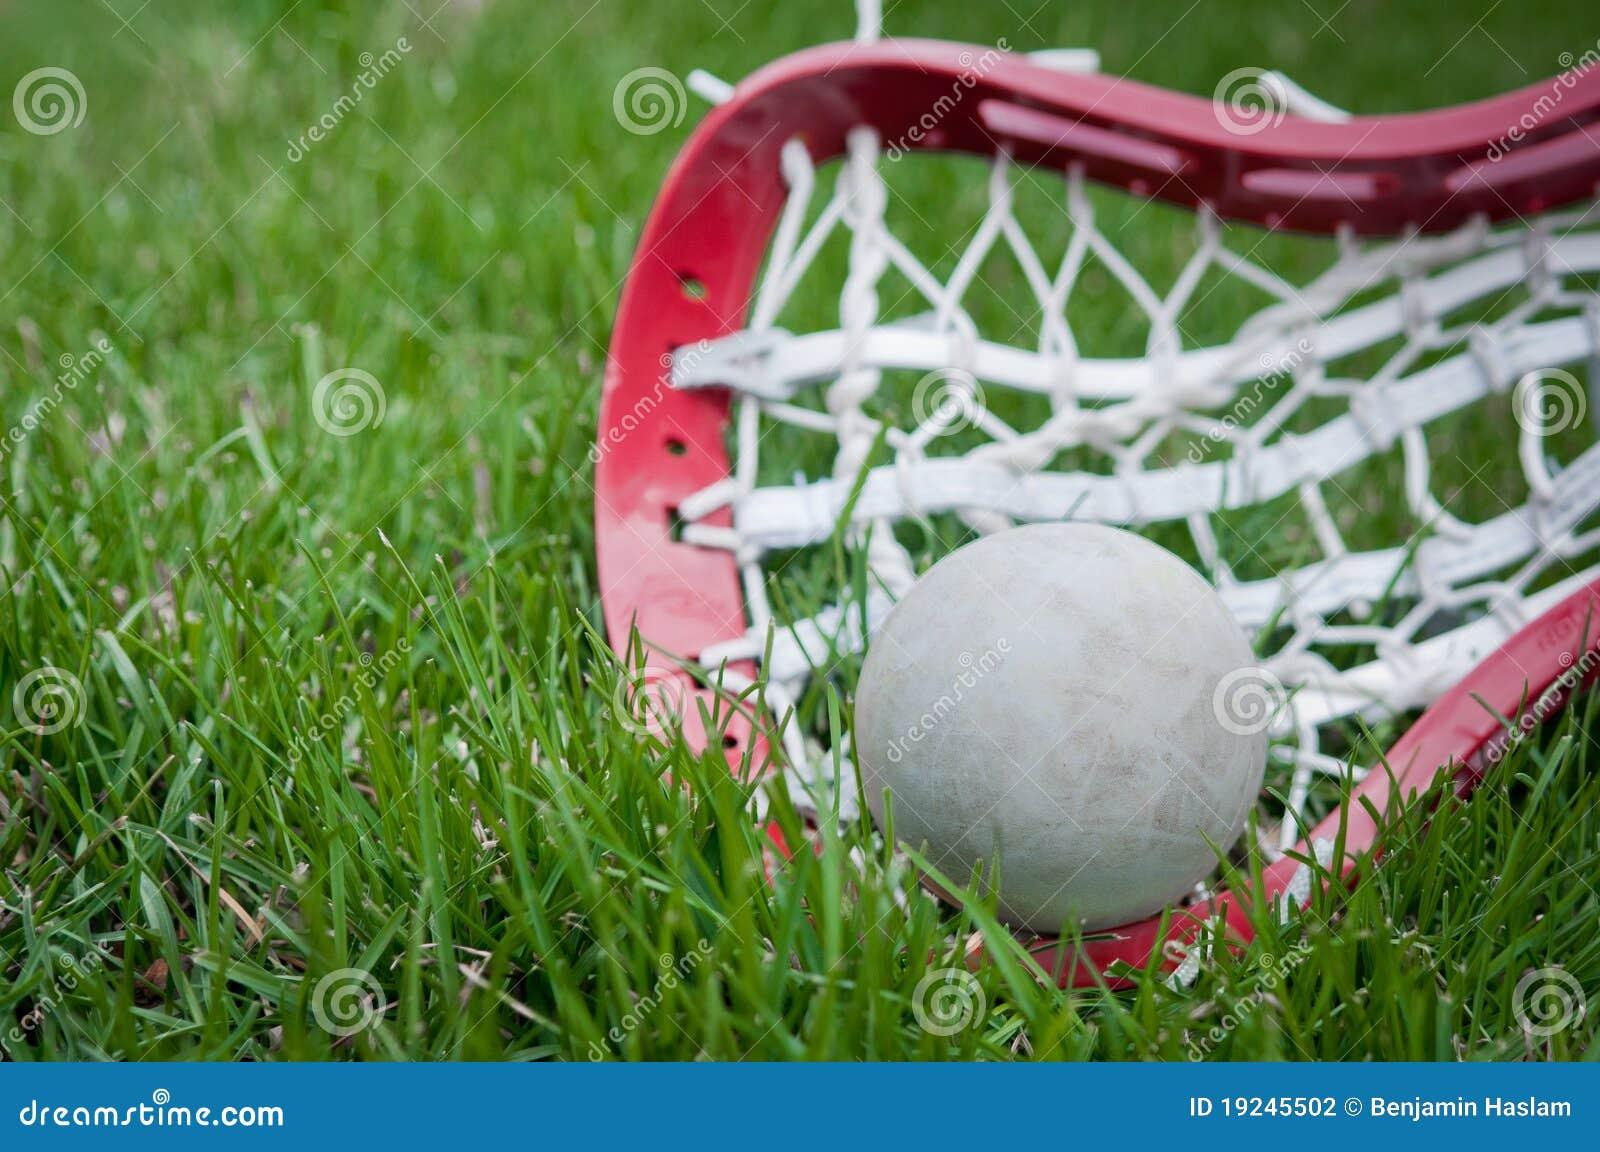 球女孩放牧灰色顶头曲棍网兜球